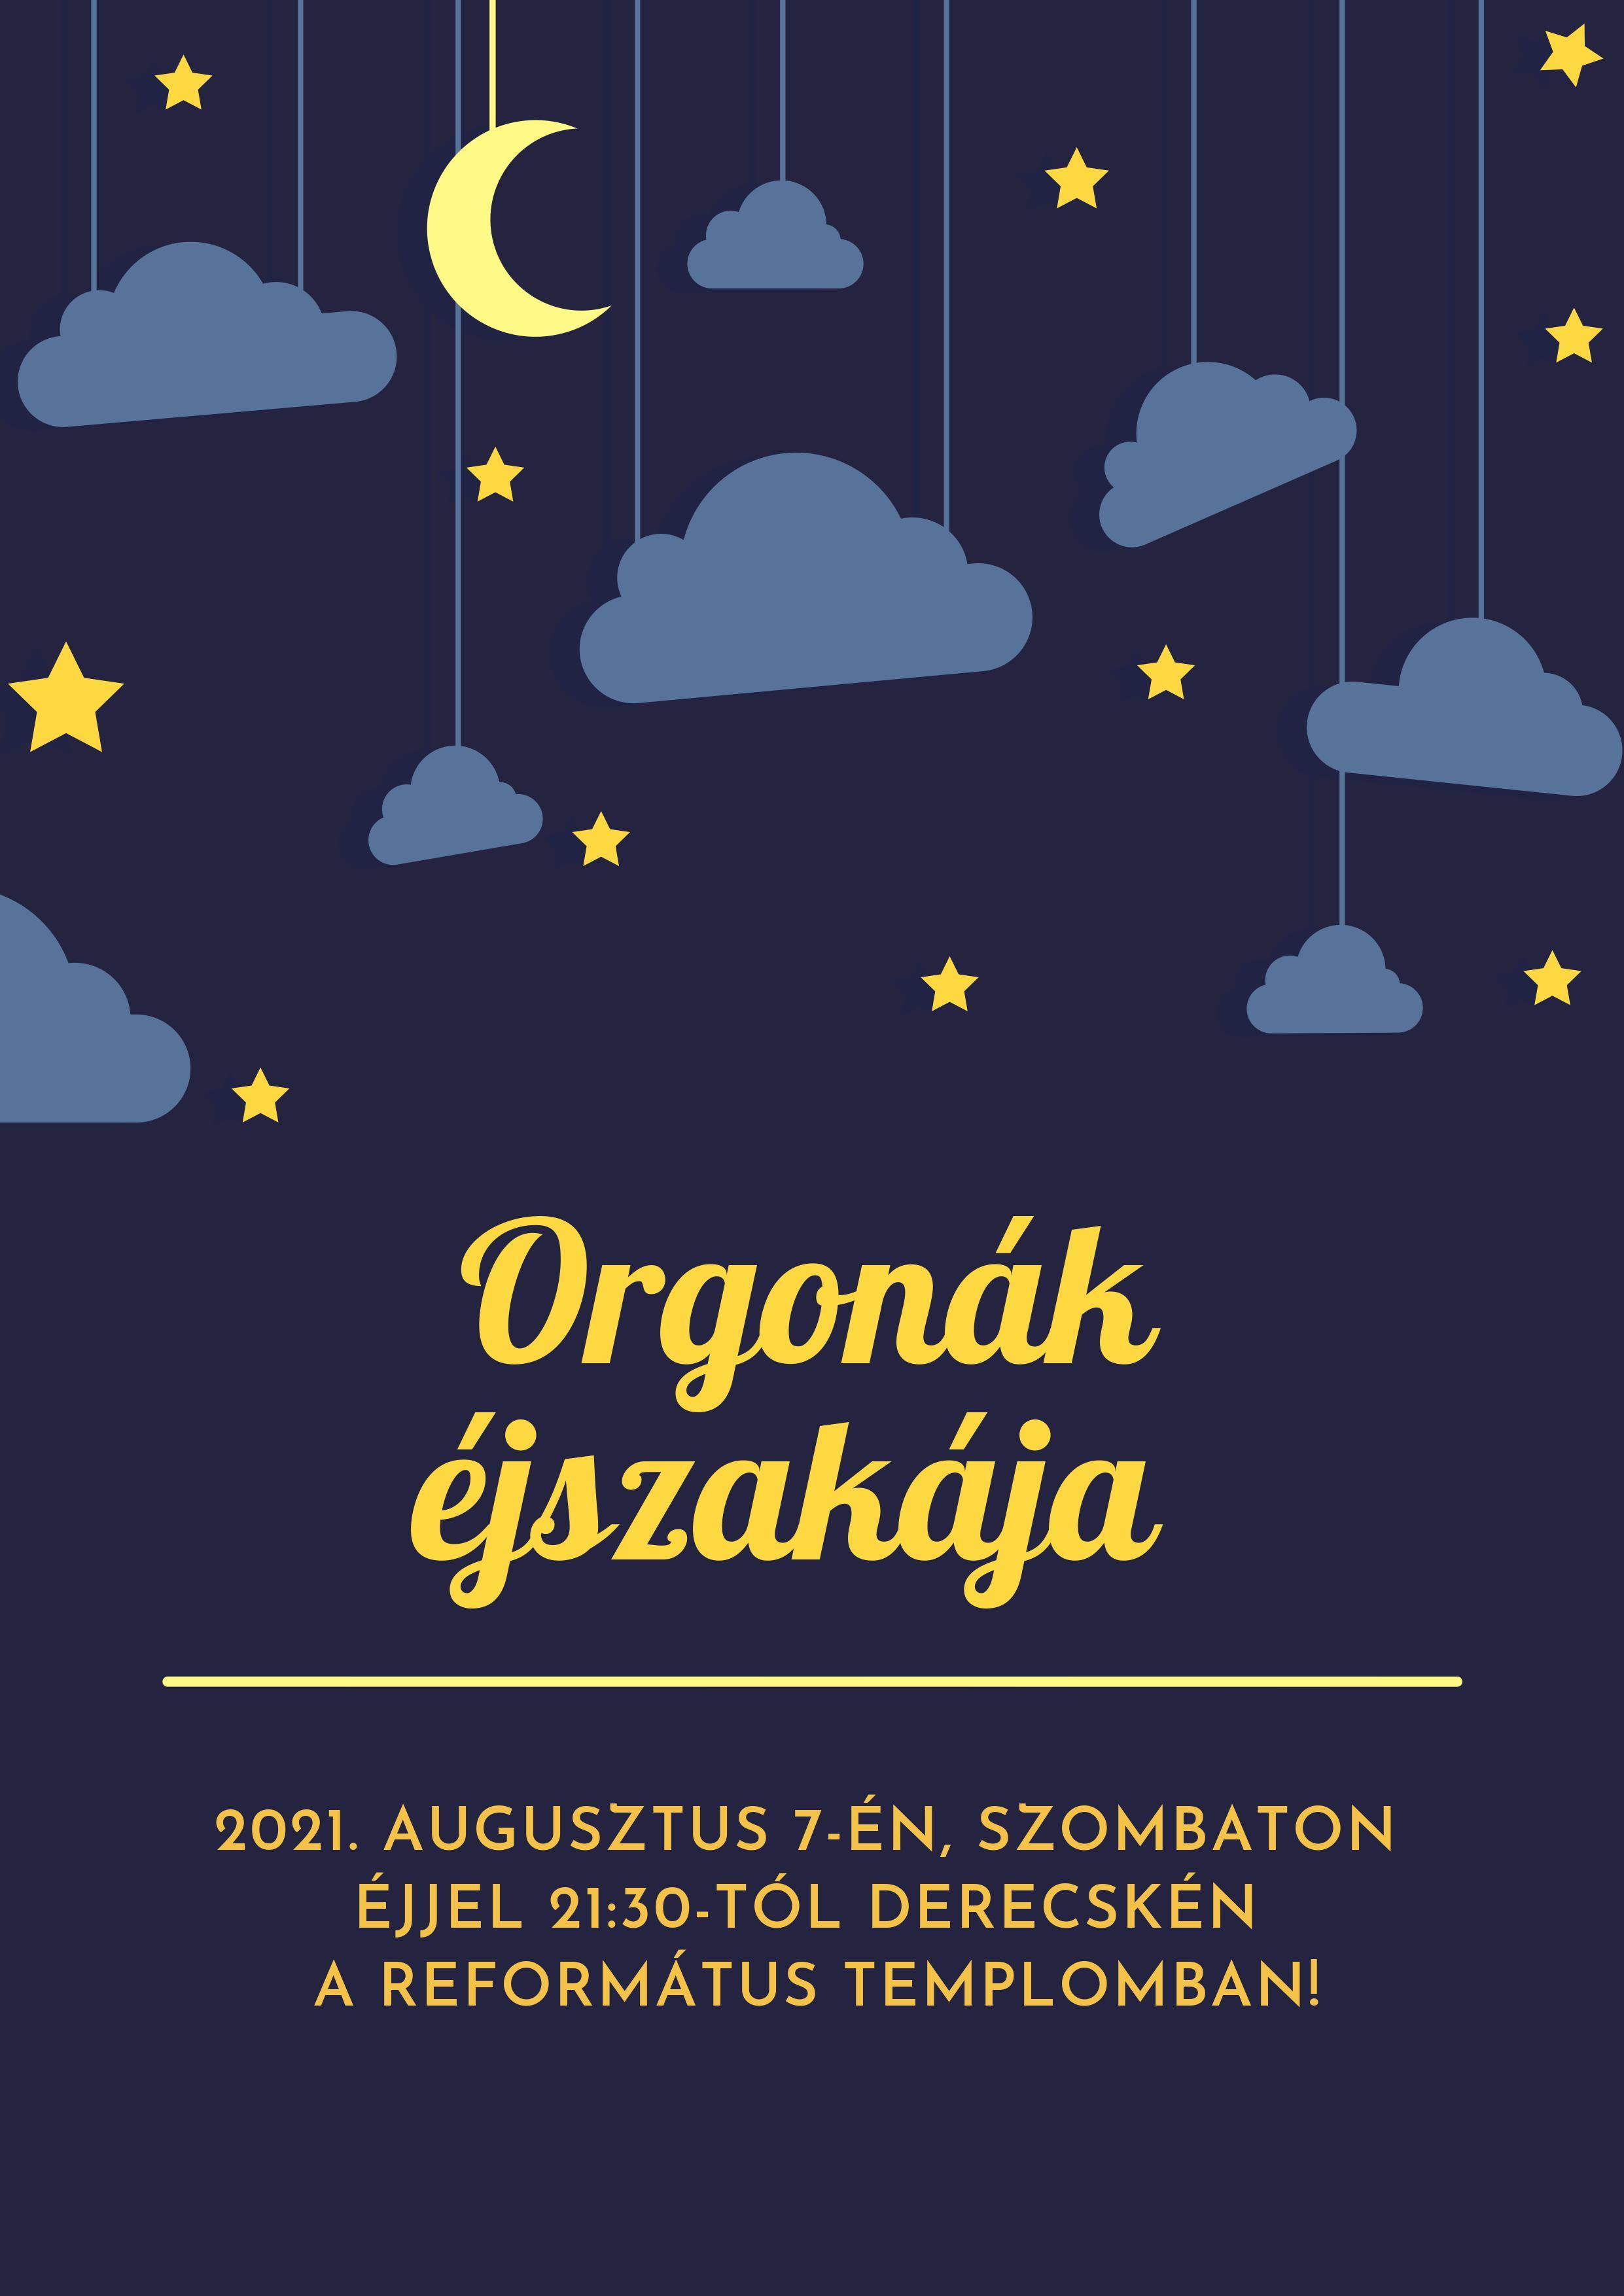 Orgonák éjszakája